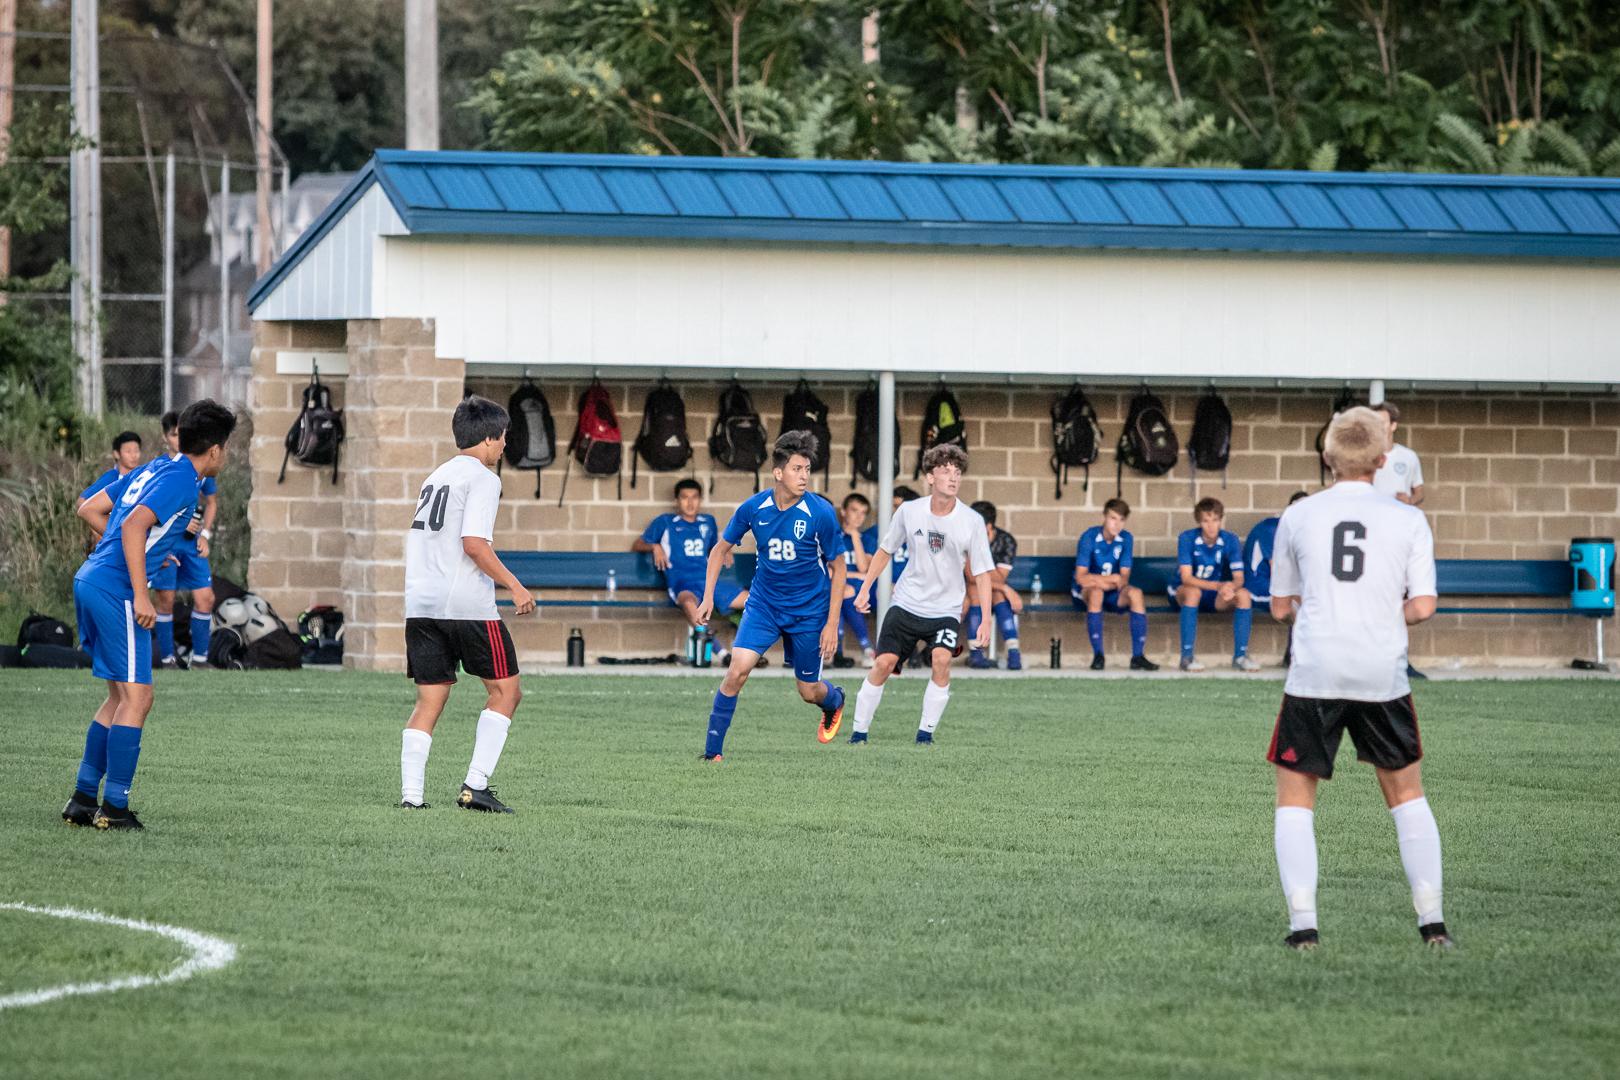 Marian-Varsity-Boys-Soccer-9643.jpg